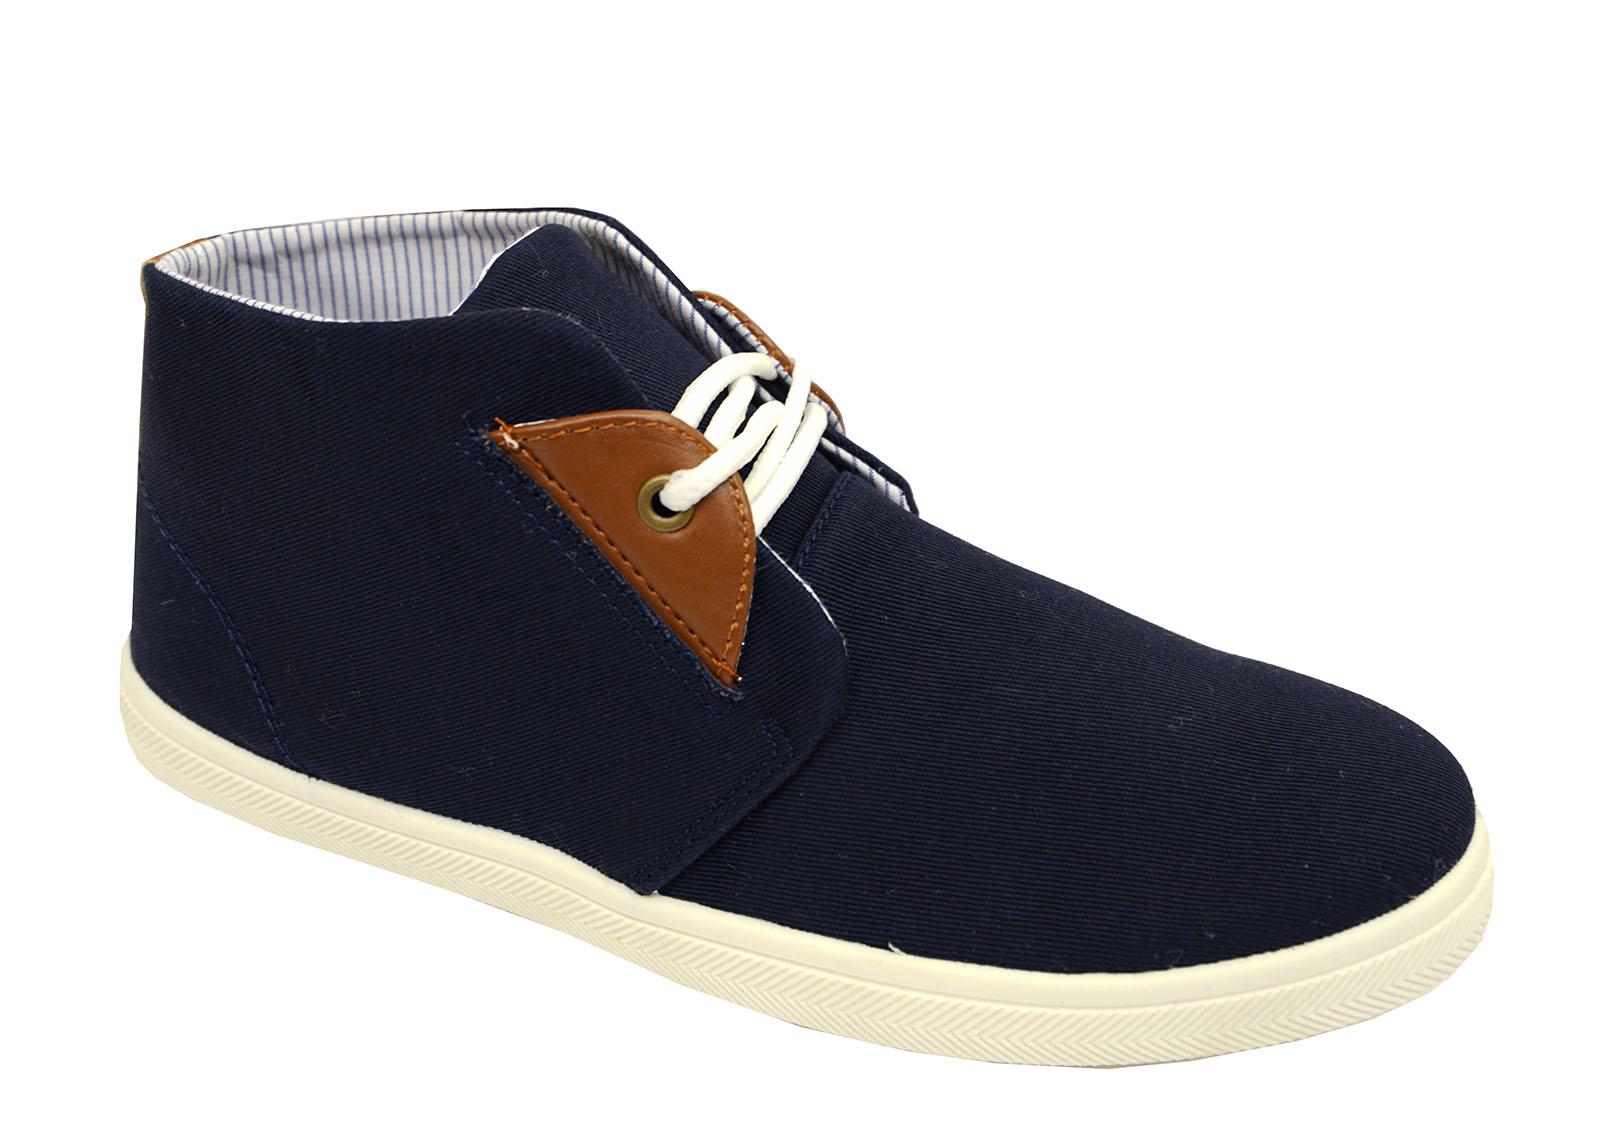 Herren marine zum Schnüren WÜSTE Leinen lässig elegant Stiefeletten Hohe Schuhe